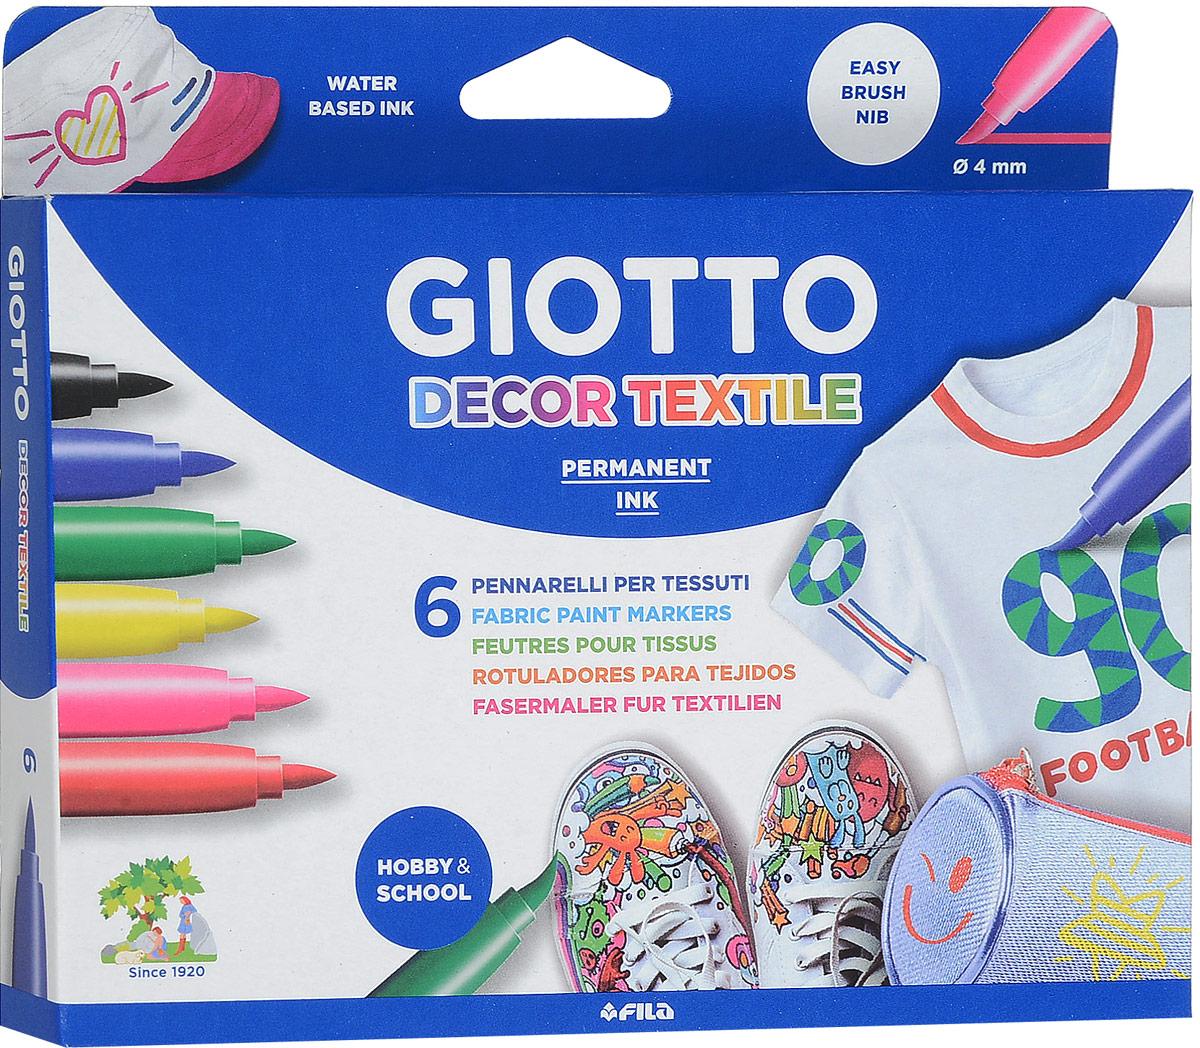 Giotto Фломастеры Decor Textile, для декорирования ткани, 6 цветов494800Фломастеры Giotto Decor Textile предназначены для декорирования по ткани. Нужно просто нарисовать необходимый вам узор на ткани и для закрепления перманентного эффекта обязательно пройтись поверх рисунка горячим утюгом без пара. Чернила фломастеров созданы на водной основе и не имеют запаха.В комплекте шесть фломастеров черного, синего, зеленого, желтого, розового и красного цветов.Уважаемые клиенты! Обращаем ваше внимание на то, что упаковка может иметь несколько видов дизайна. Поставка осуществляется в зависимости от наличия на складе.